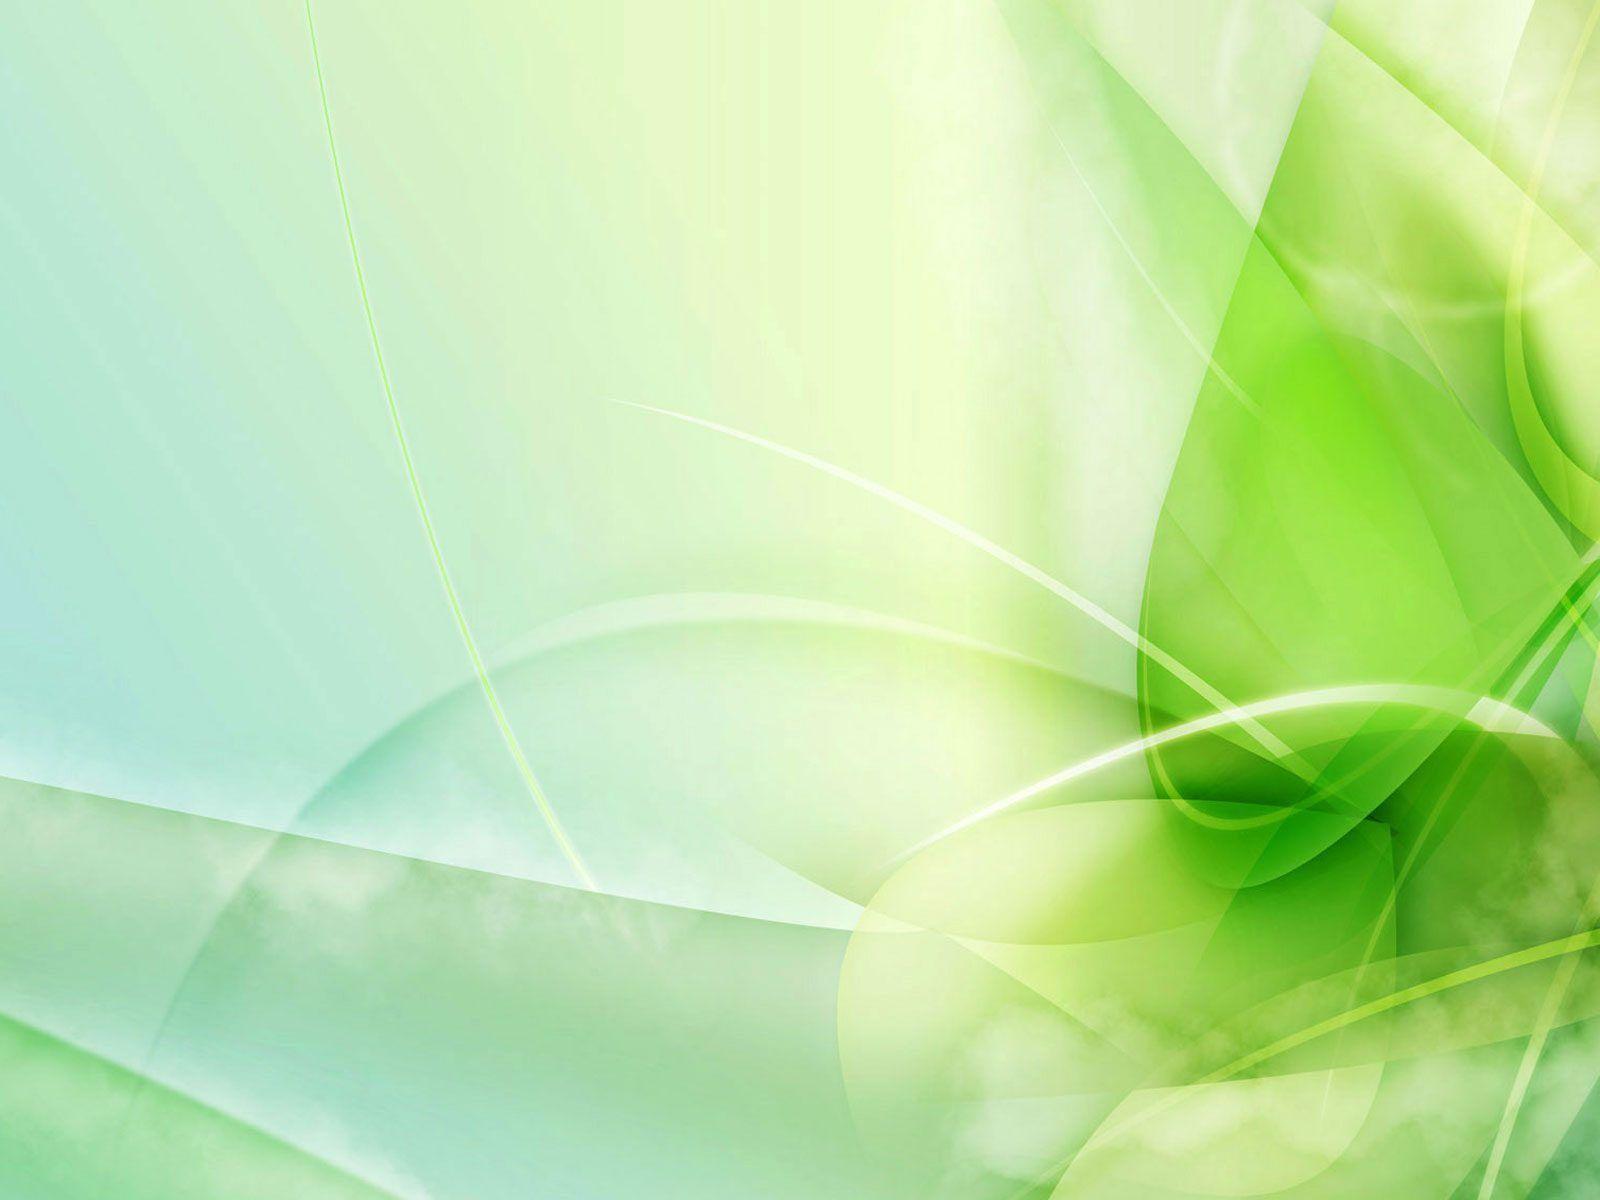 Fondo De Pantalla Abstracto Corriente De Cruces: Fondos Para Diapositivas Powerpoint Verdes Trebol Pictures